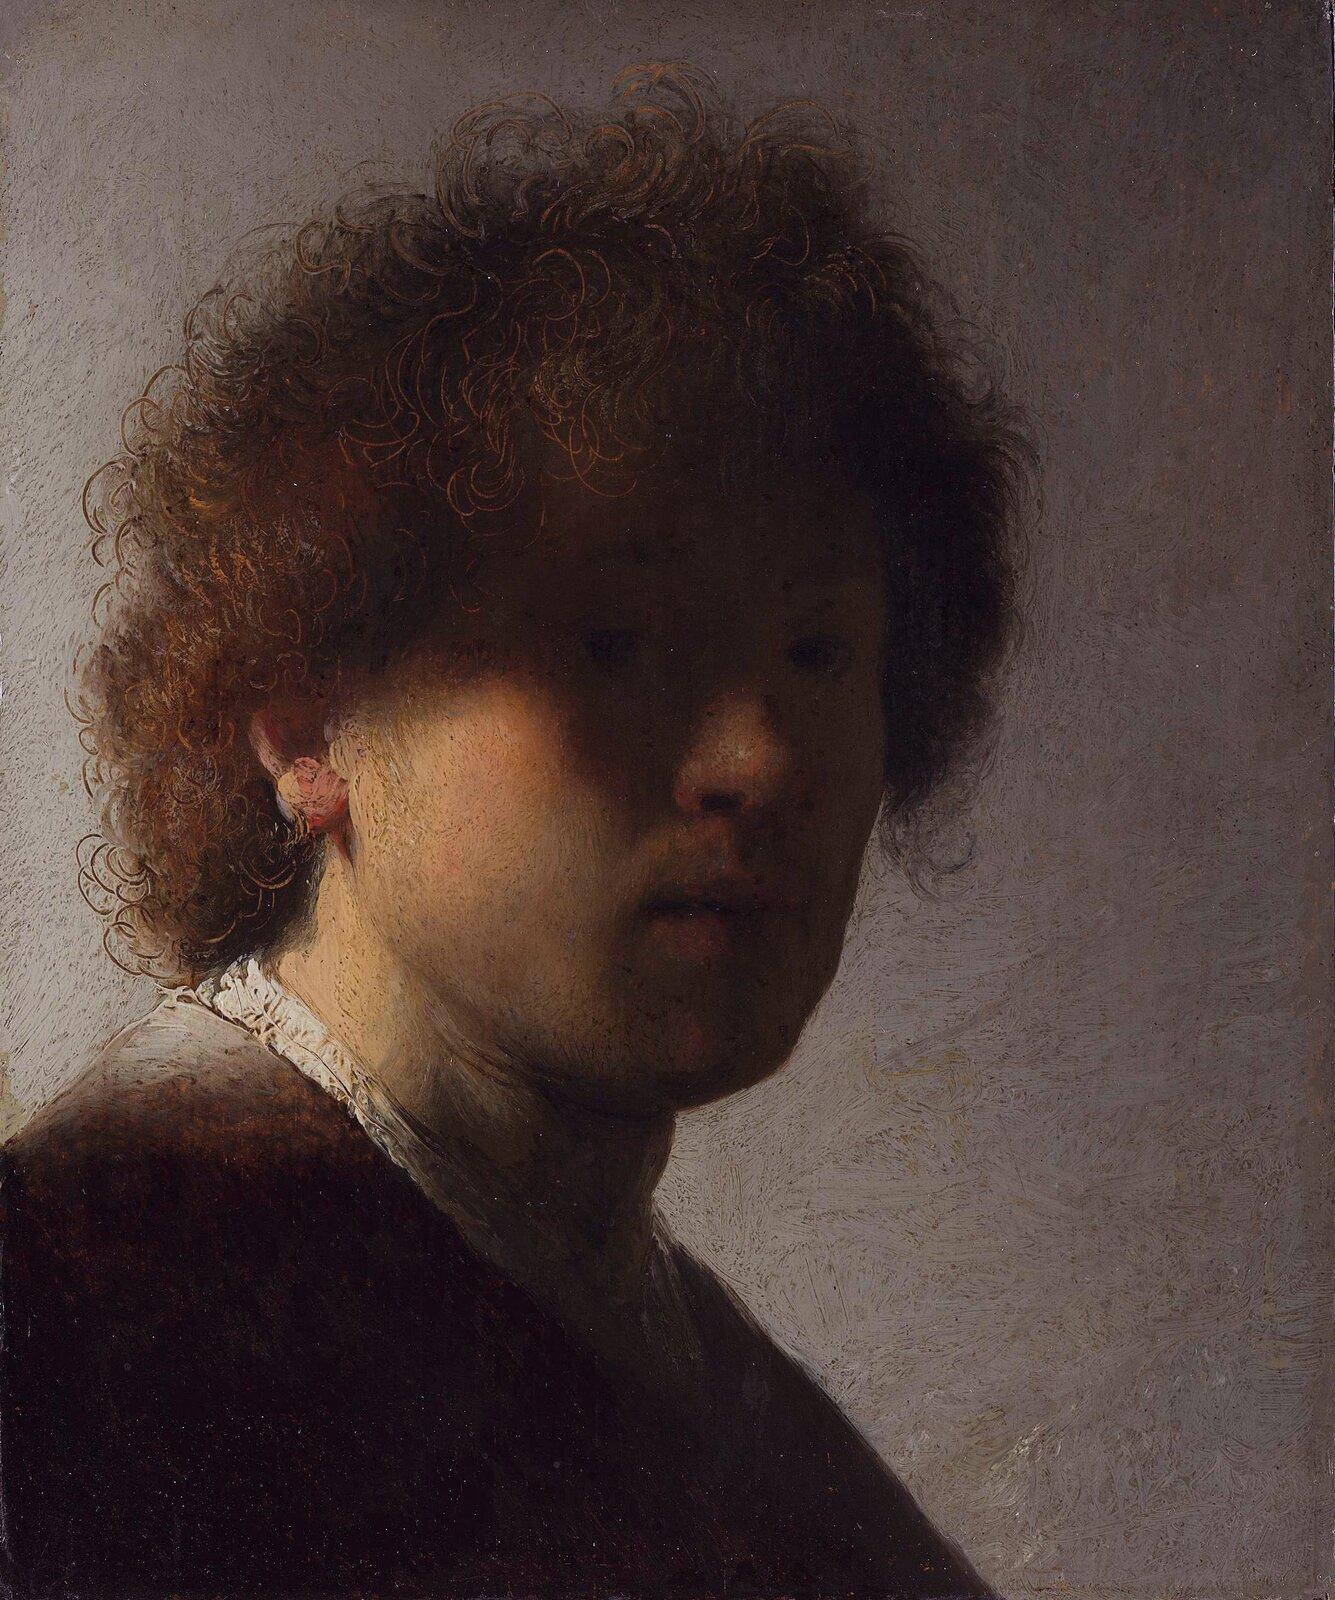 """Ilustracja przedstawia """"Autoportret"""" Rembrandta określany jako zzacienioną twarzą. Ukazuje młodego mężczyznę zlokowanymi, brązowymi włosami. Światło pada zlewej strony, rozjaśniając część twarzy artysty. Prawa strona jest ukryta wcieniu. Malarz zadbał odetale – szczegółowo oddał loki na głowie. Jednolite tło, utrzymane wszarościach kontrastuje zpostacią ieksponuje twarz."""